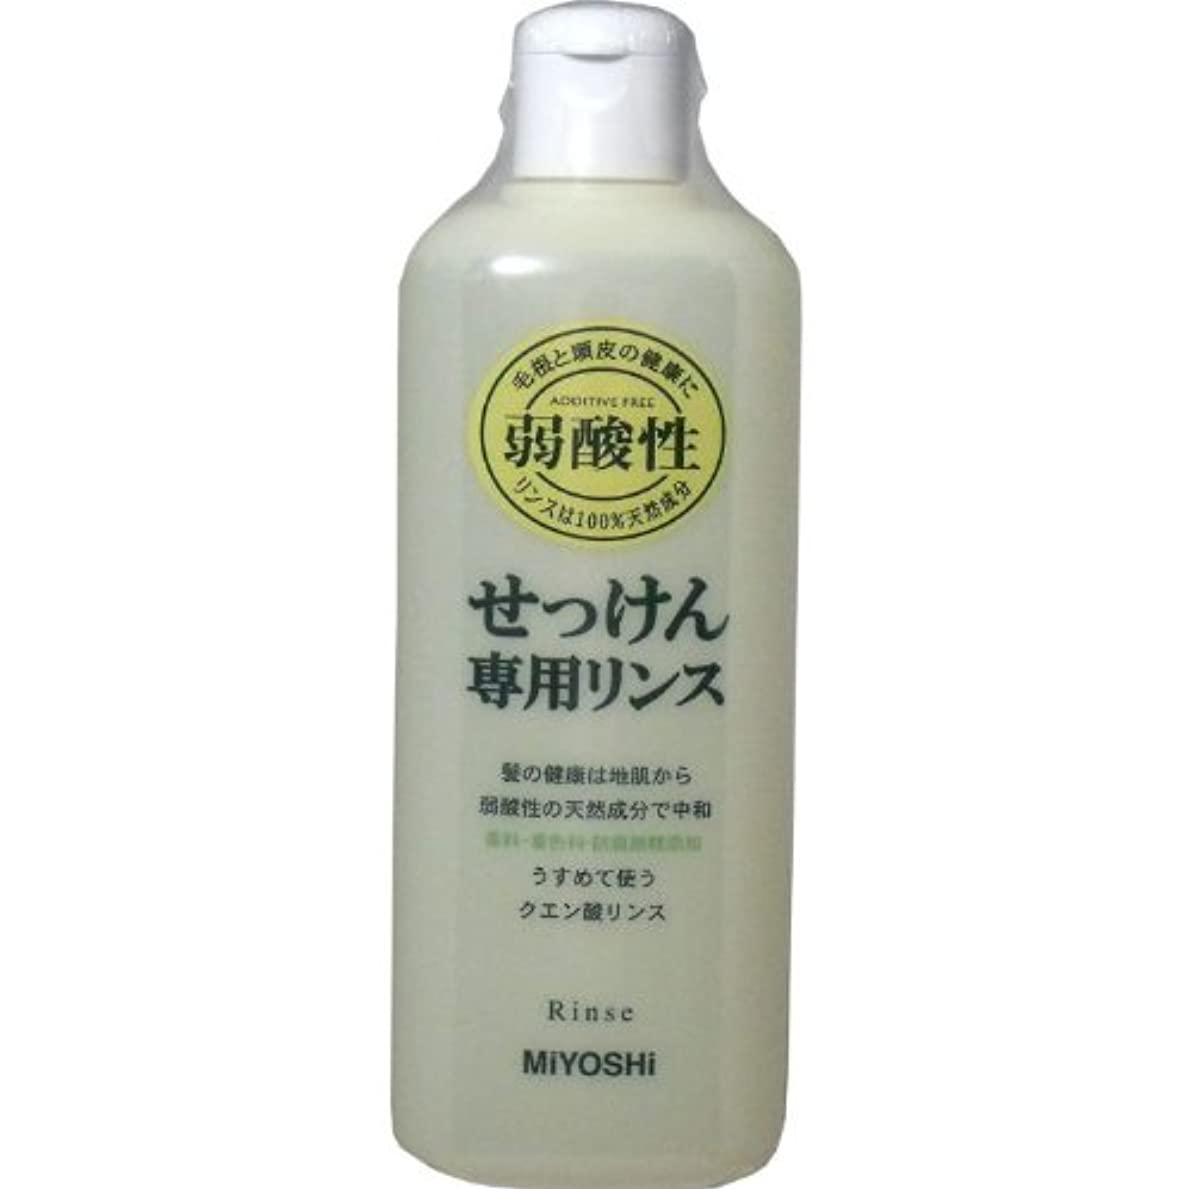 灌漑復活わざわざ髪の健康は地肌から、弱酸性の天然成分で中和!!香料、防腐剤、着色料無添加!うすめて使うクエン酸リンス!リンス 350mL【2個セット】